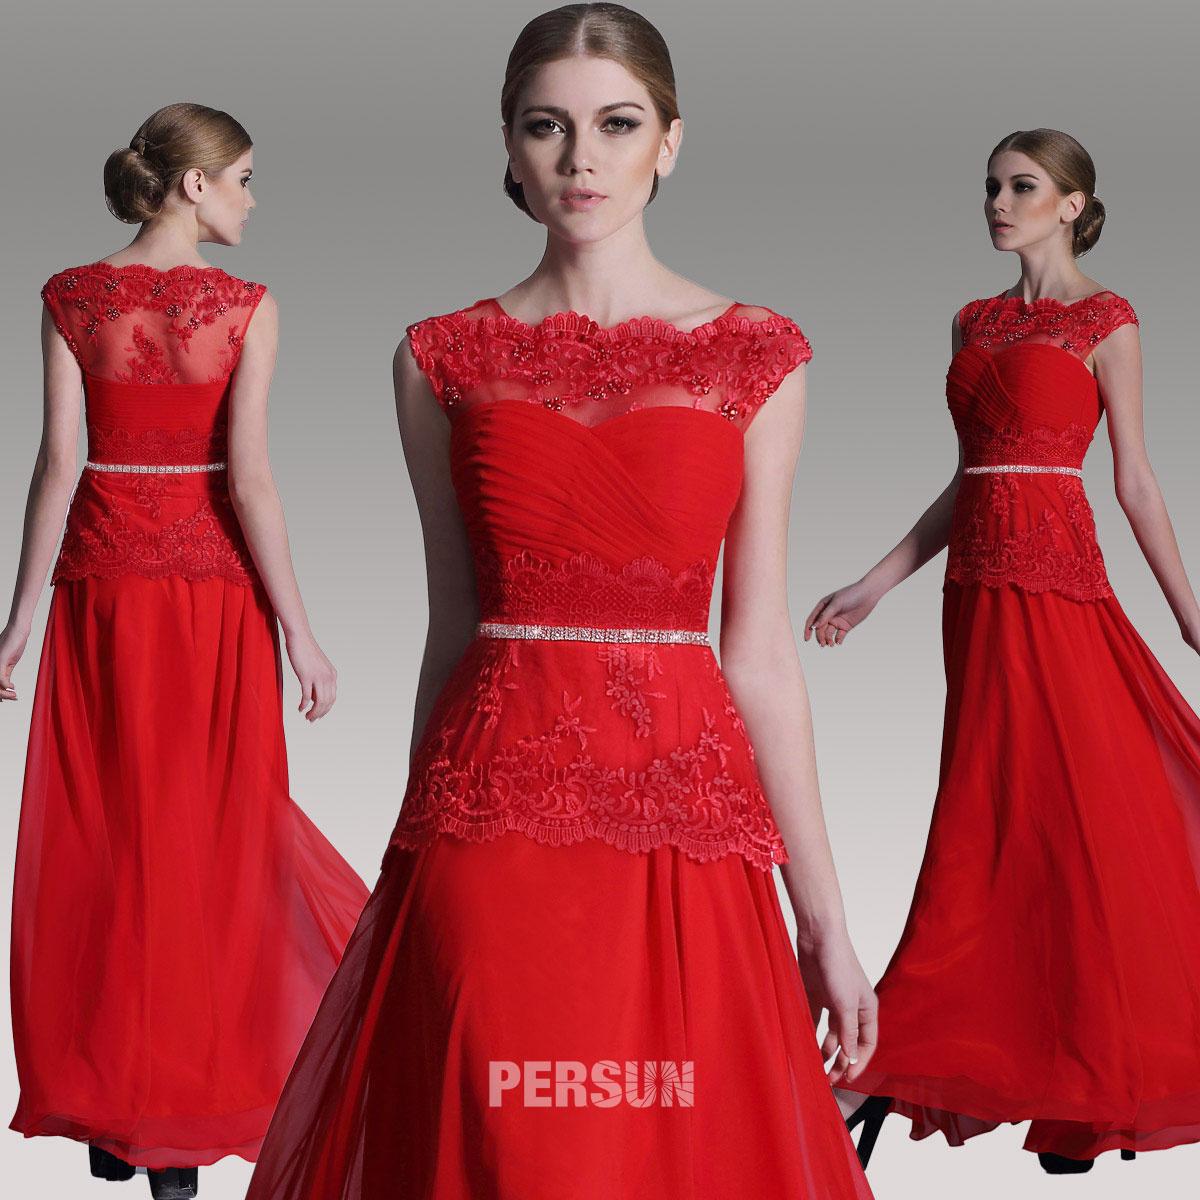 magnifique robe rouge longue col bateau ornée de dentelle